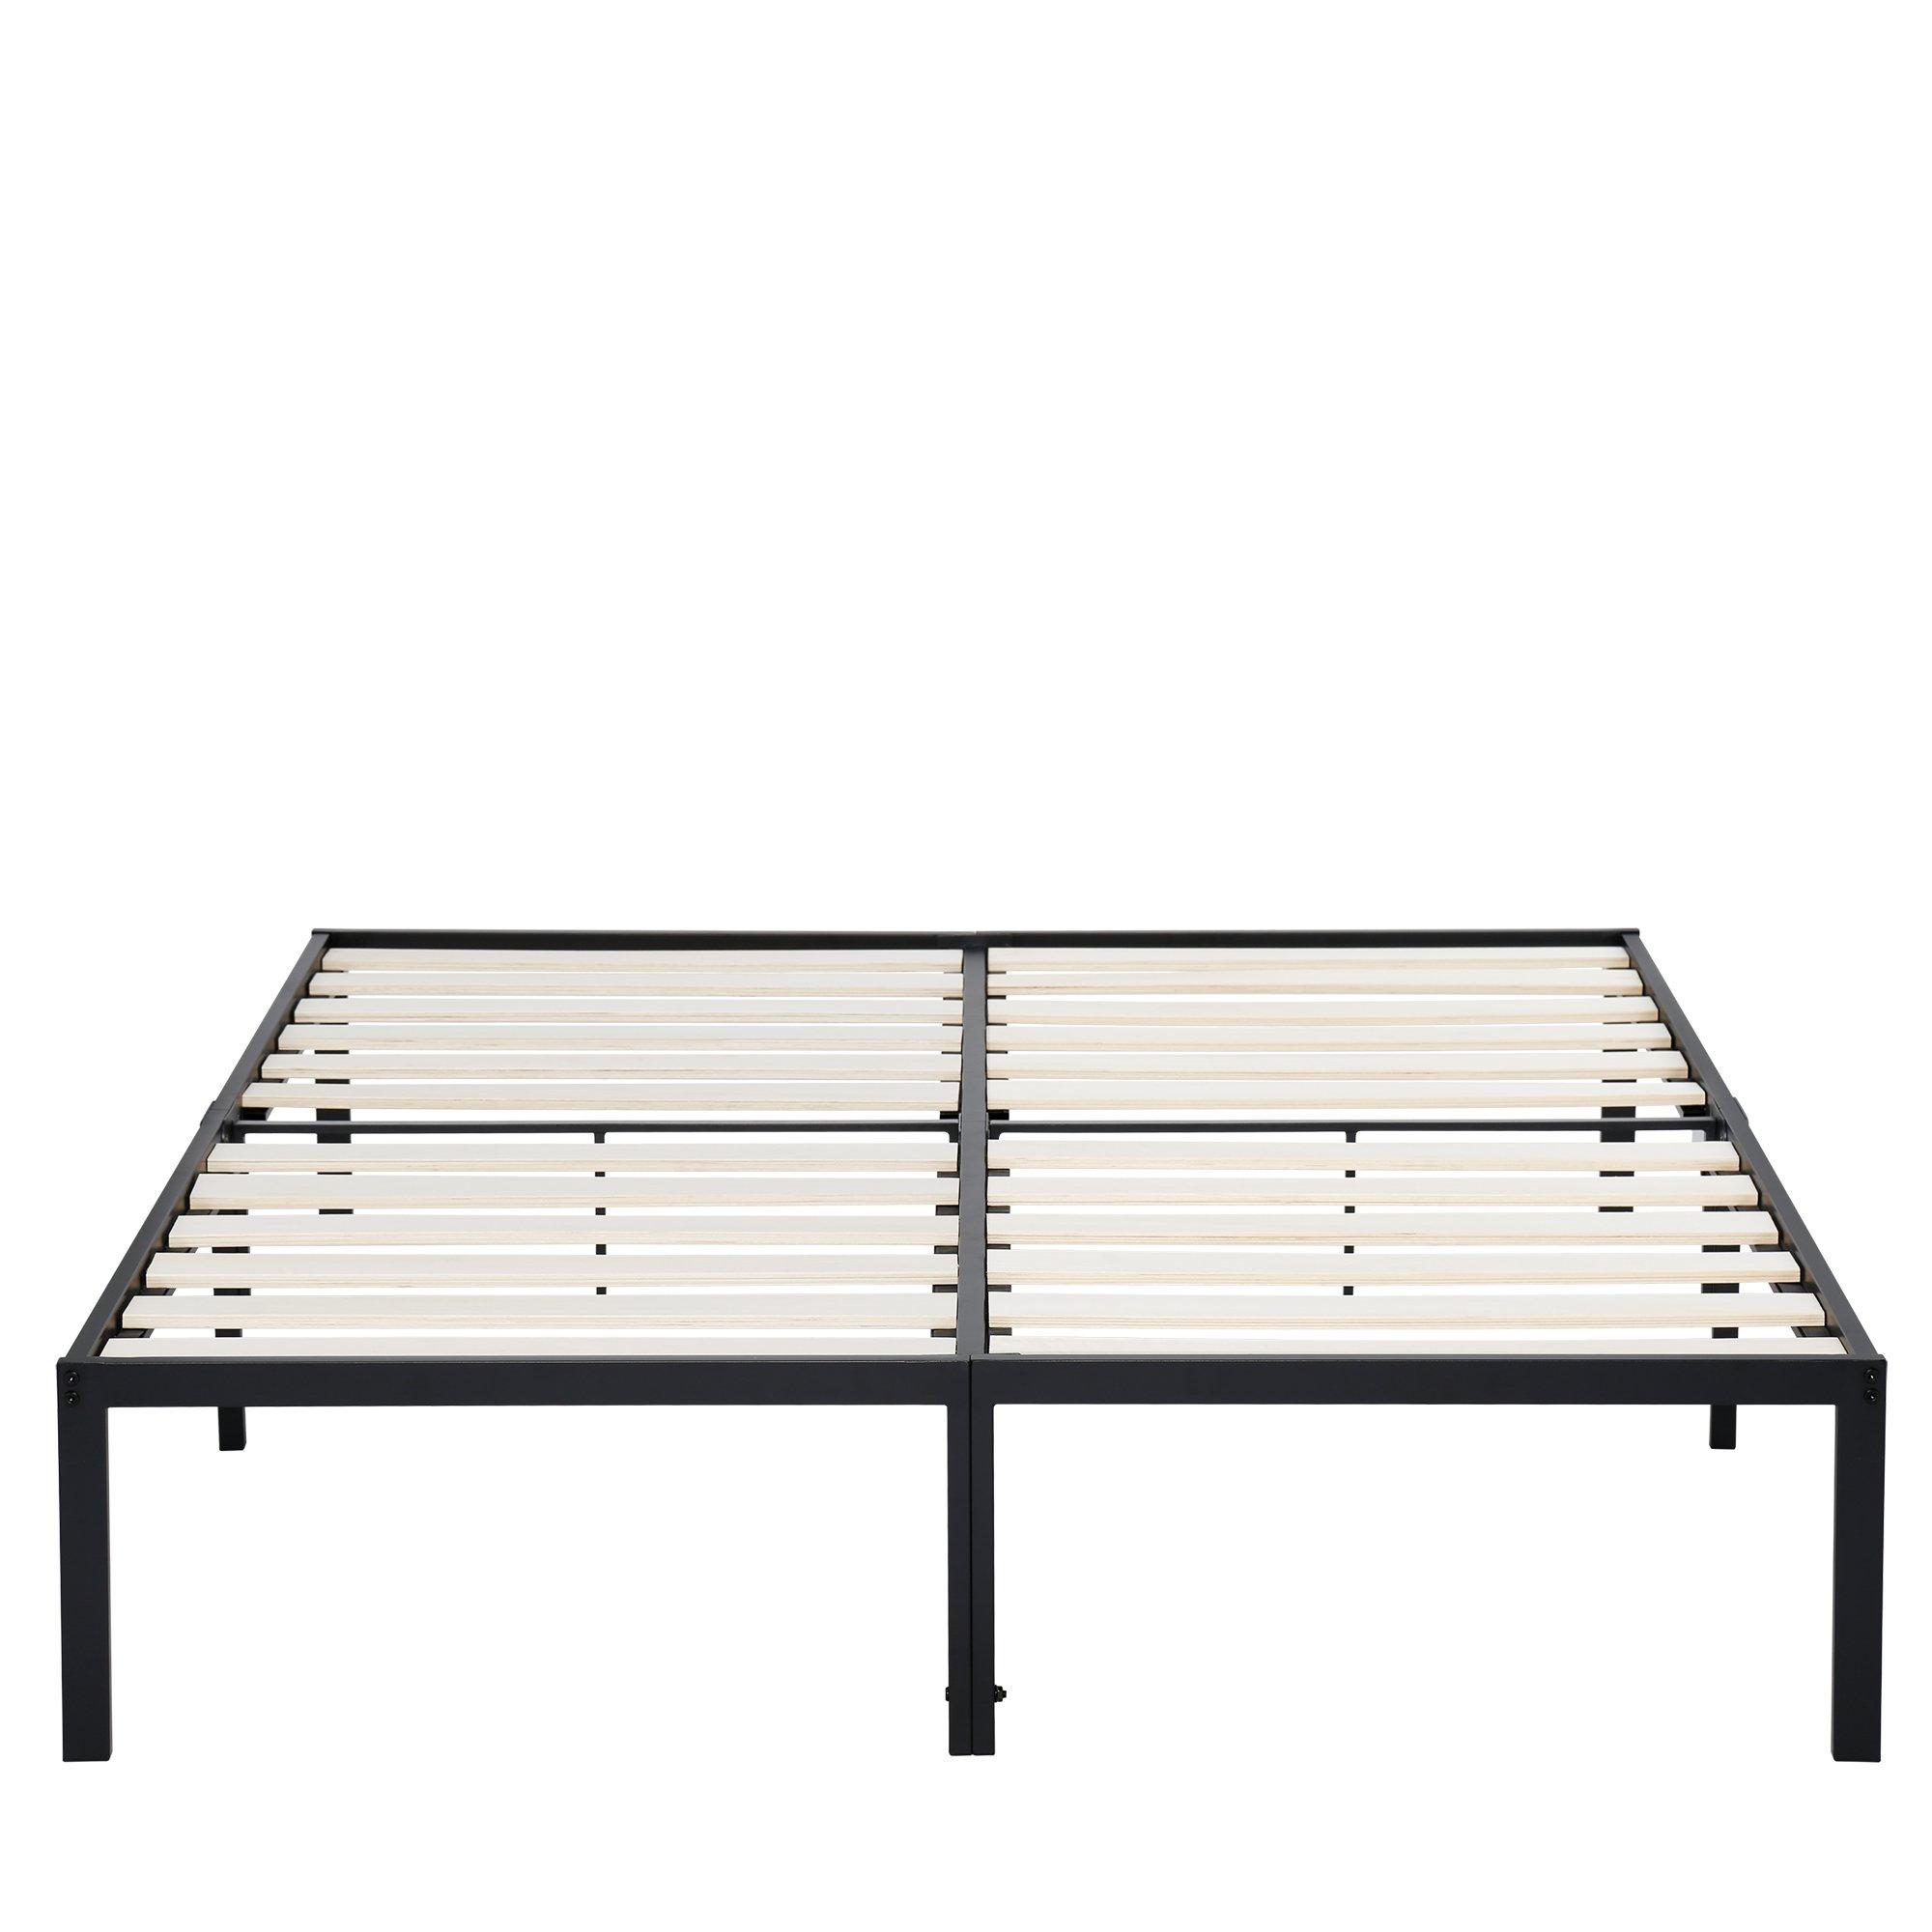 PrimaSleep 14 Inch Platform Steel Bed Frame / Wooden Slat Support King